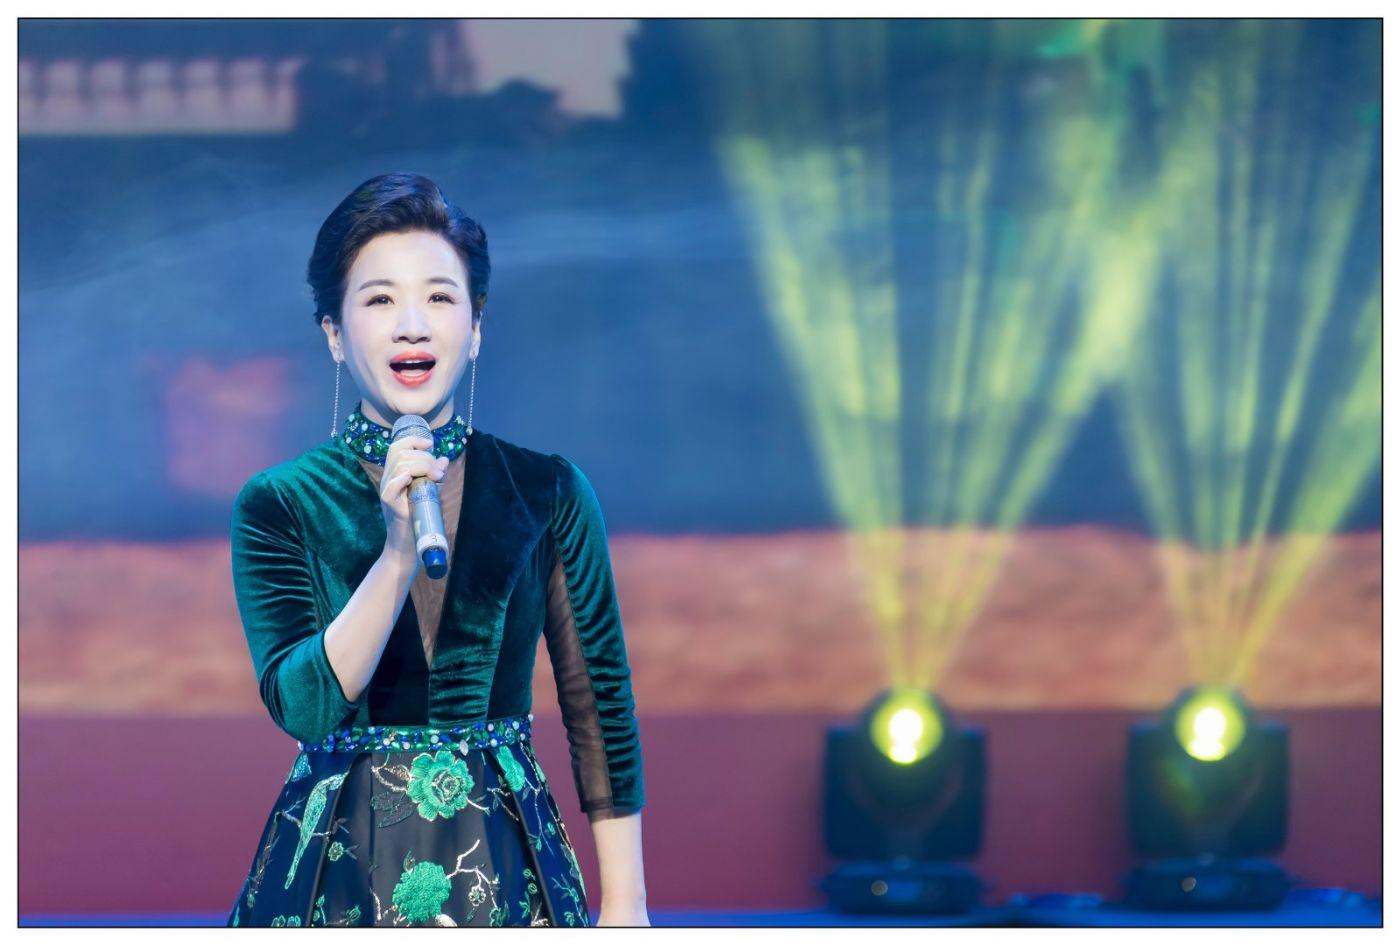 又见星光大道冠军歌手张海军 1月26央视播出 将自己唱哭的歌手 ..._图1-20